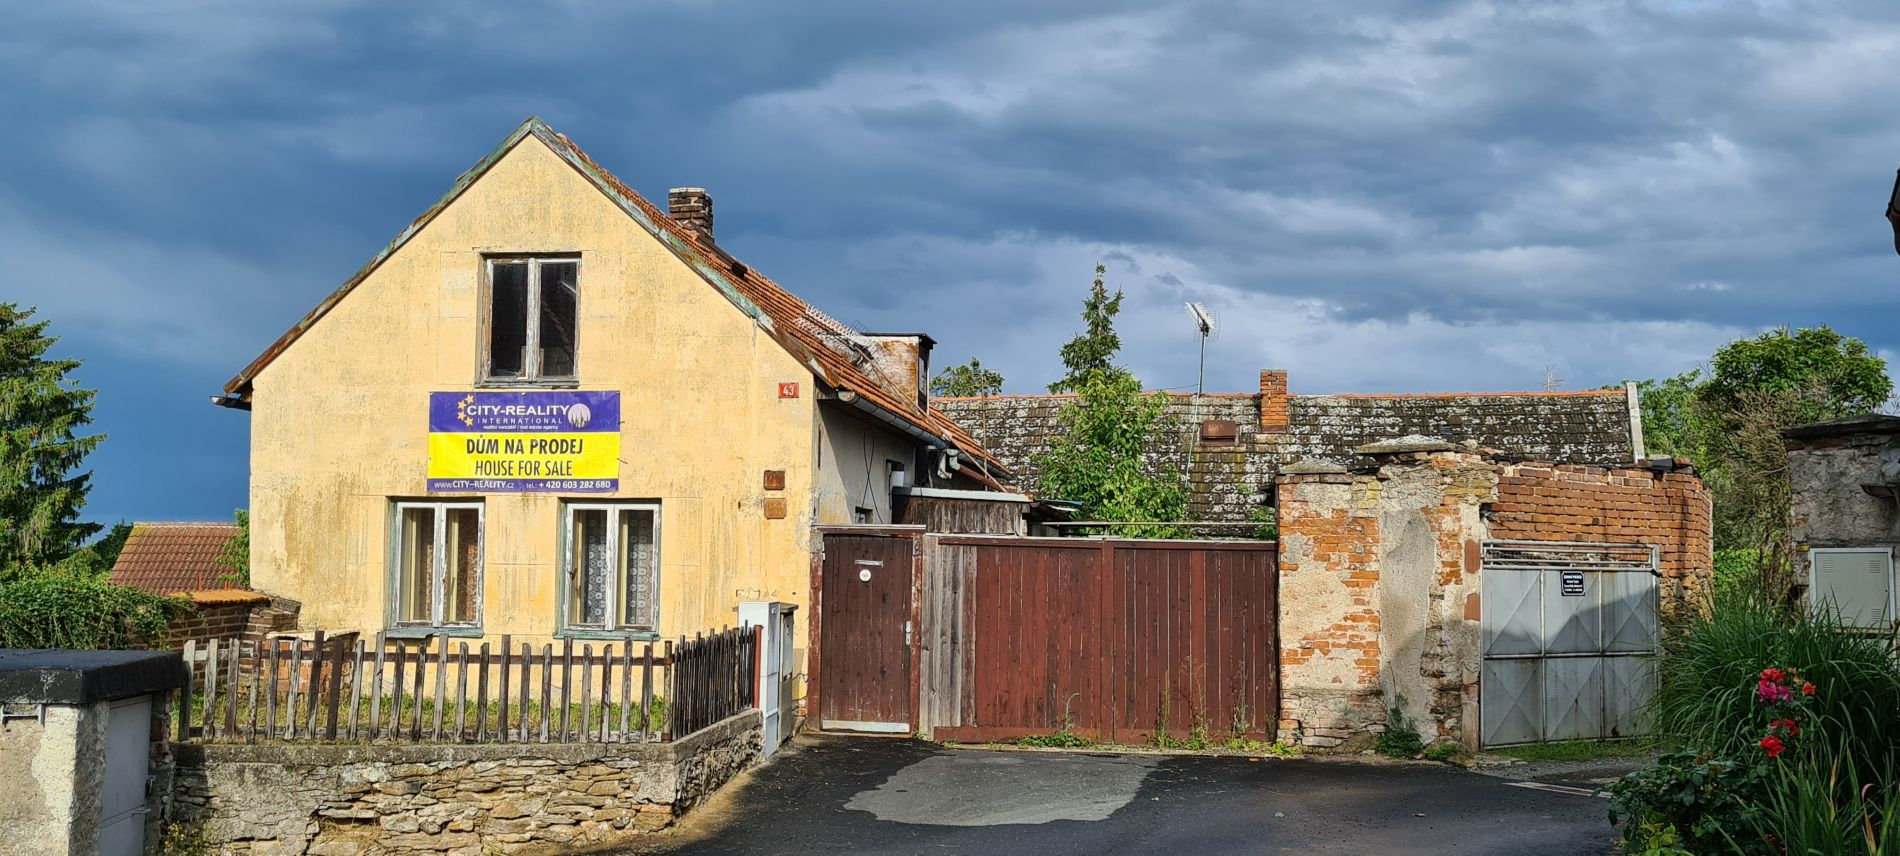 Prodej rodinného domu 2x2+1 s velkým pozemkem, ul. Bendova, Červené Pečky